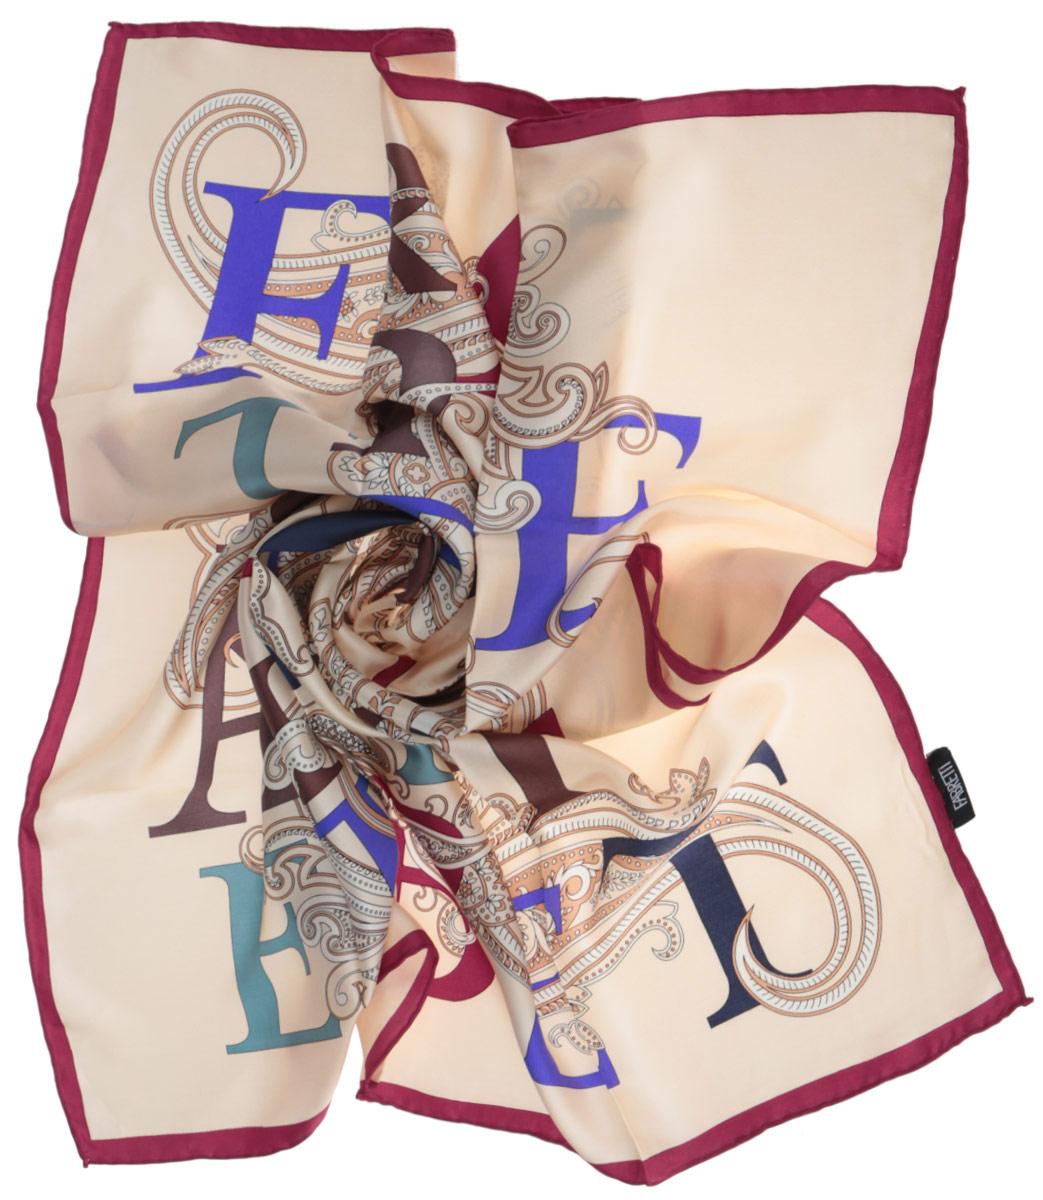 Платок женский Fabretti, цвет: бордовый, бежевый, синий. CX1516-44-1. Размер 90 см х 90 смCX1516-44-1Стильный женский платок Fabretti станет великолепным завершением любого наряда. Платок изготовлен из высококачественного 100% шелка и оформлен красочным принтом с буквами на фоне цветочного орнамента.Классическая квадратная форма позволяет носить платок на шее, украшать им прическу или декорировать сумочку. Мягкий и шелковистый платок поможет вам создать изысканный женственный образ, а также согреет в непогоду. Такой платок превосходно дополнит любой наряд и подчеркнет ваш неповторимый вкус и элегантность.